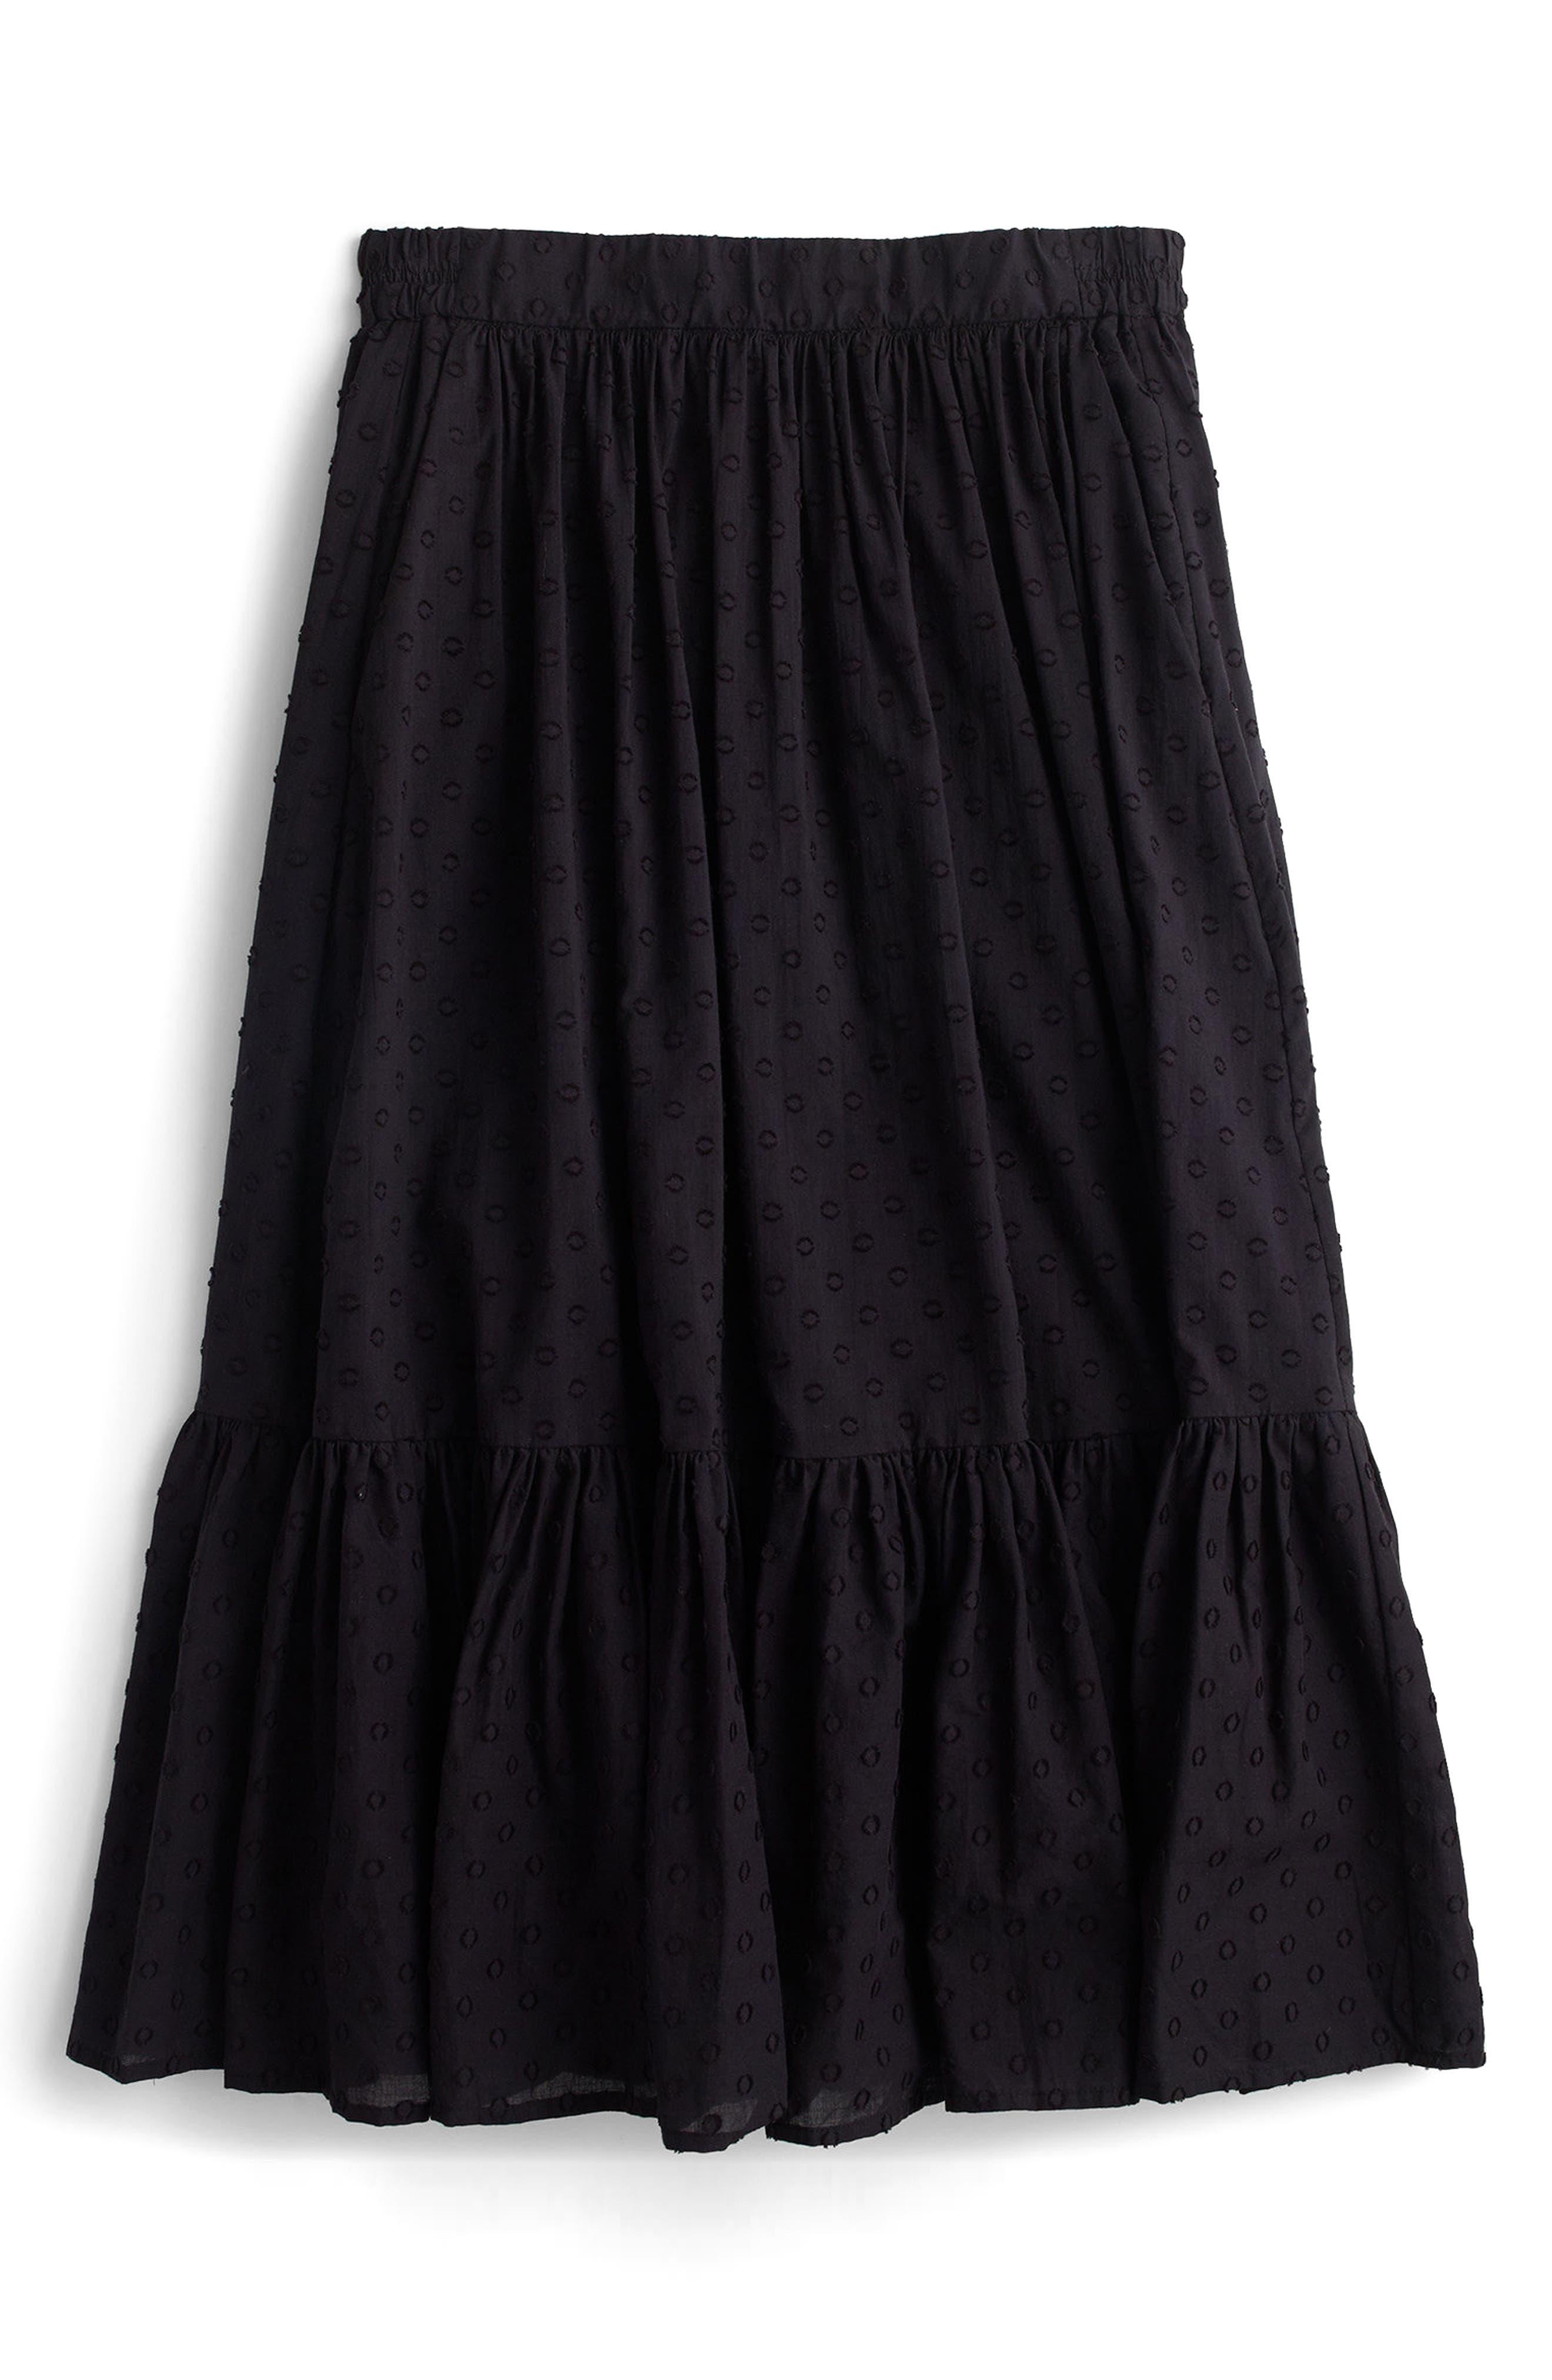 Alternate Image 3  - J.Crew Baluster Clip Dot Skirt (Regular & Petite)